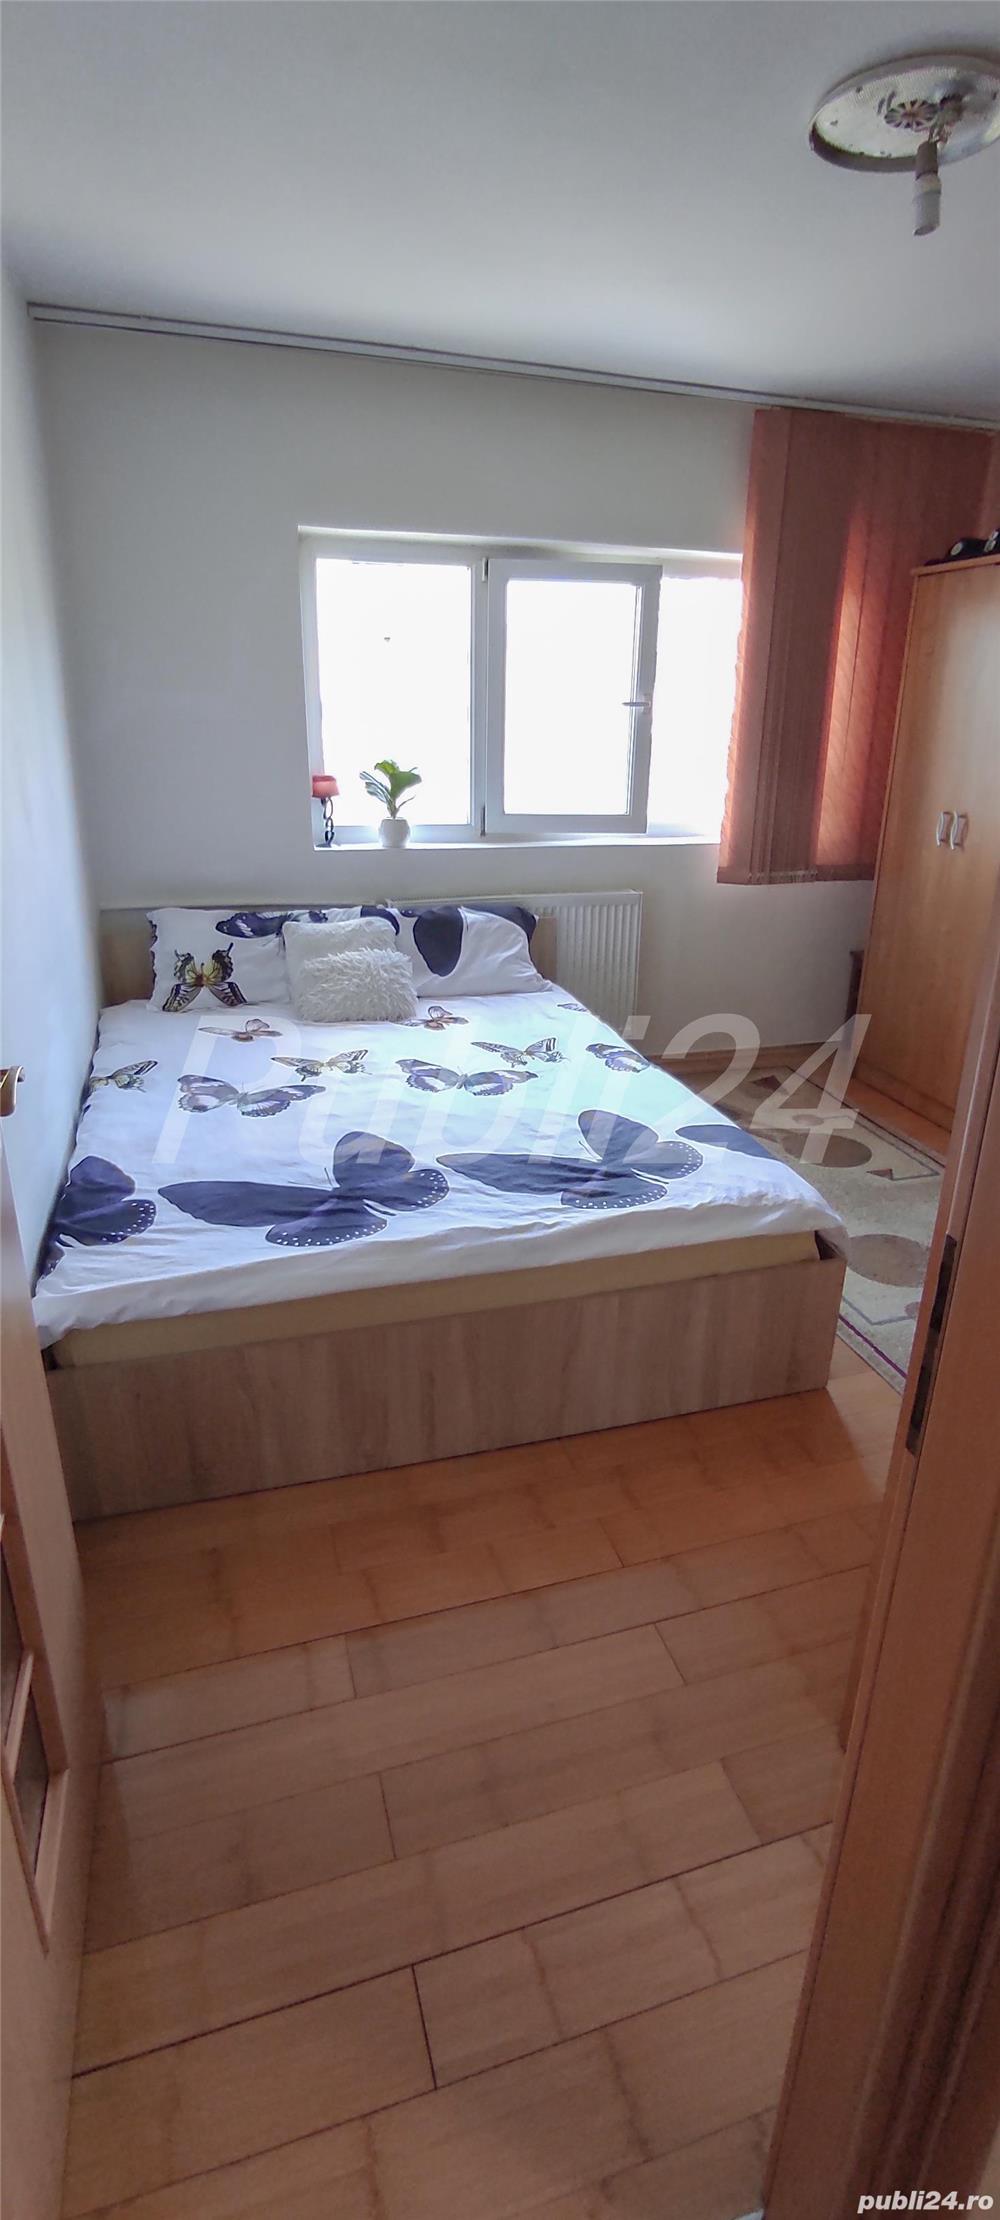 Apartament 2 camere, decomandat, Plavat II